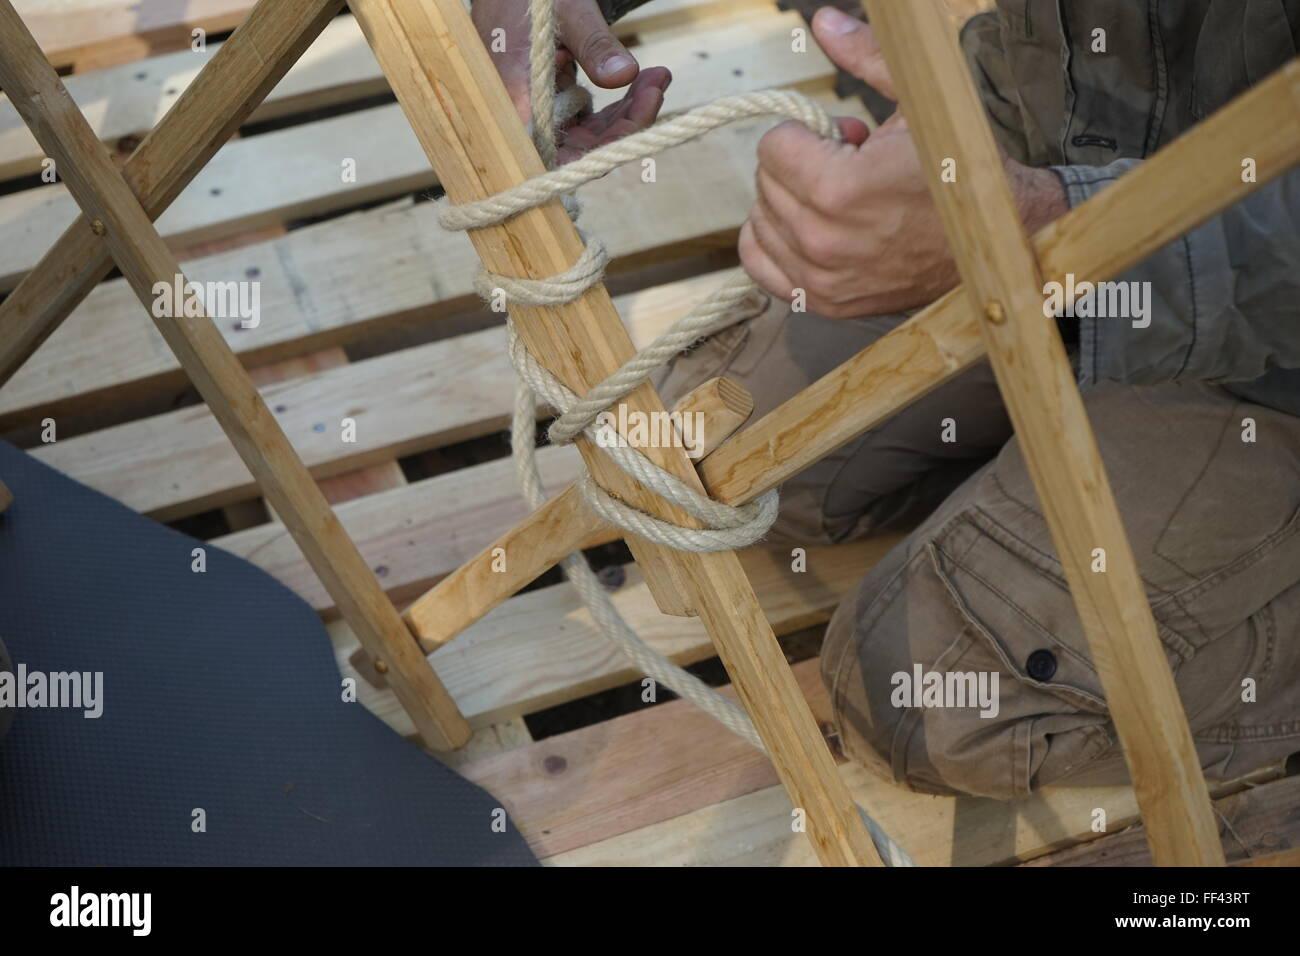 Händen des männlichen Bauherren. Männer bauen asiatische Jurte ...